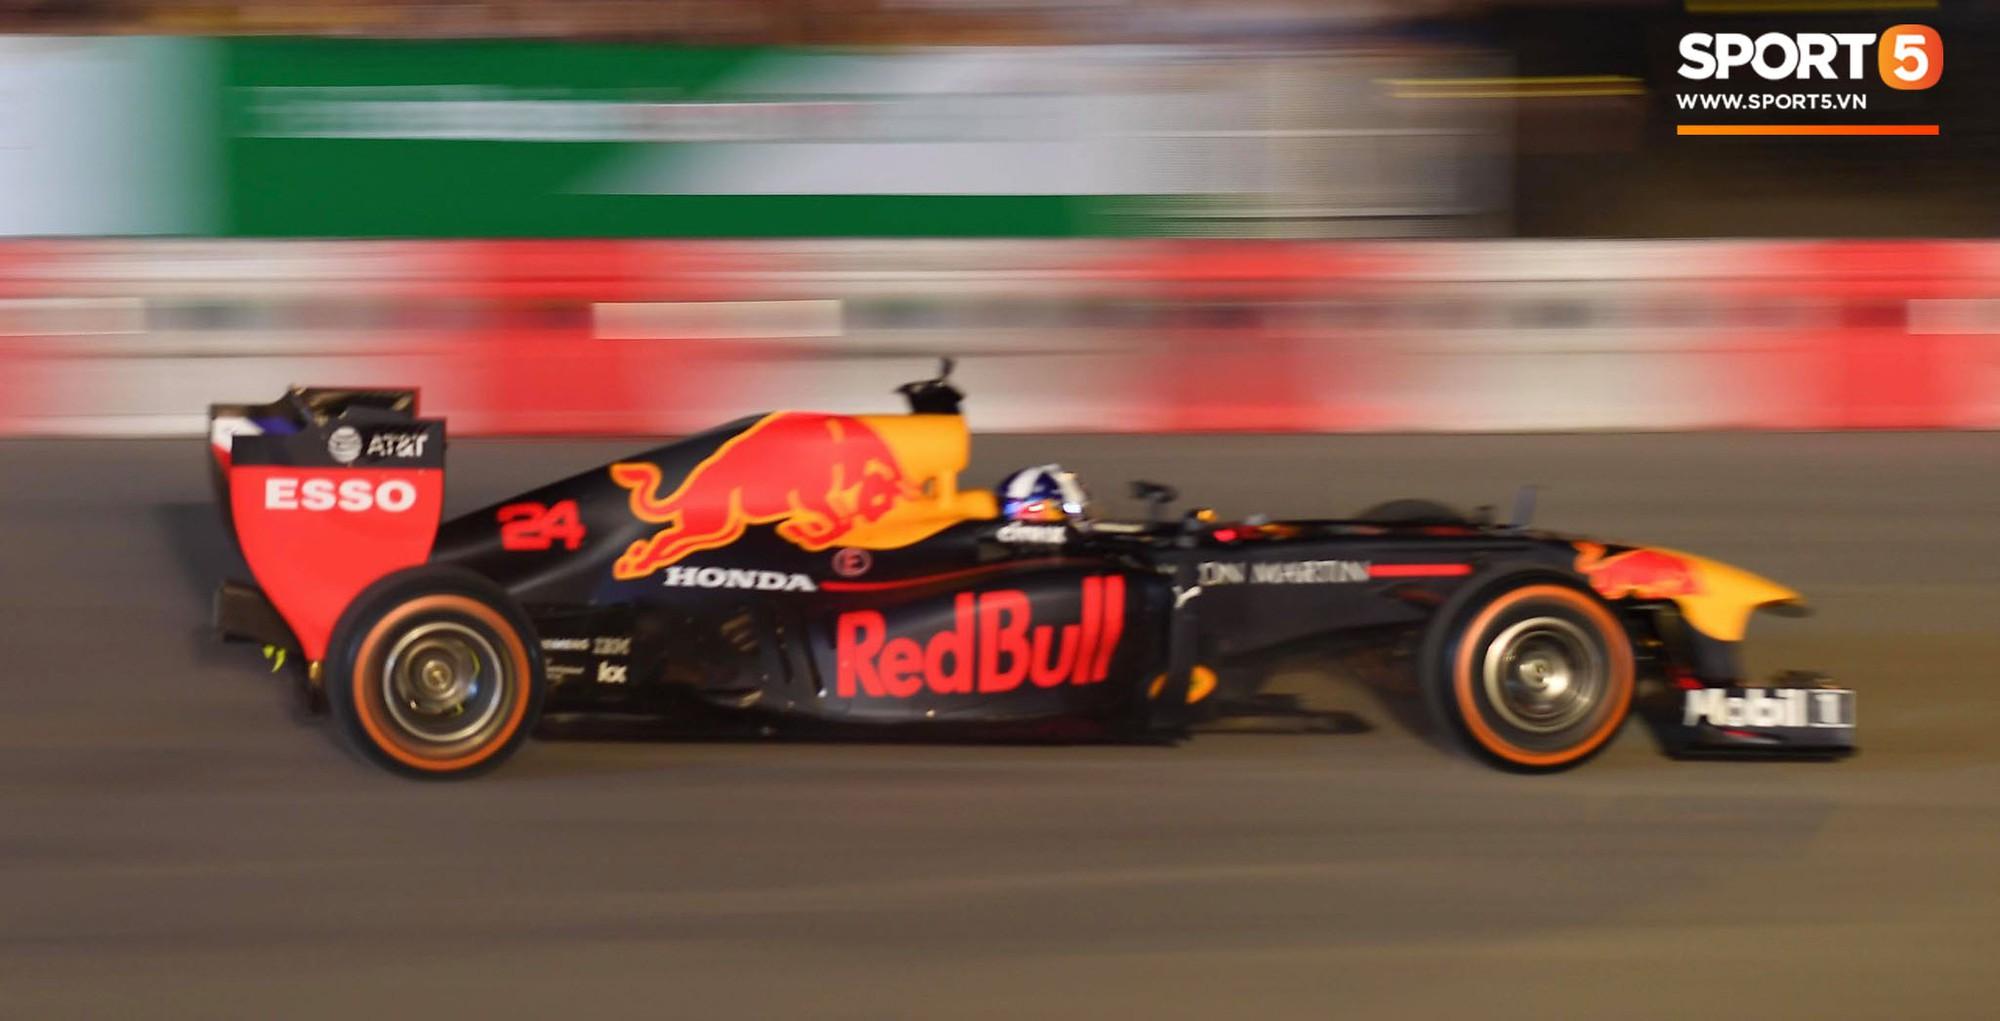 Sự kiện Khởi động F1 Việt Nam Grand Prix: Hoành tráng, mãn nhãn và đầy hứa hẹn - Ảnh 8.